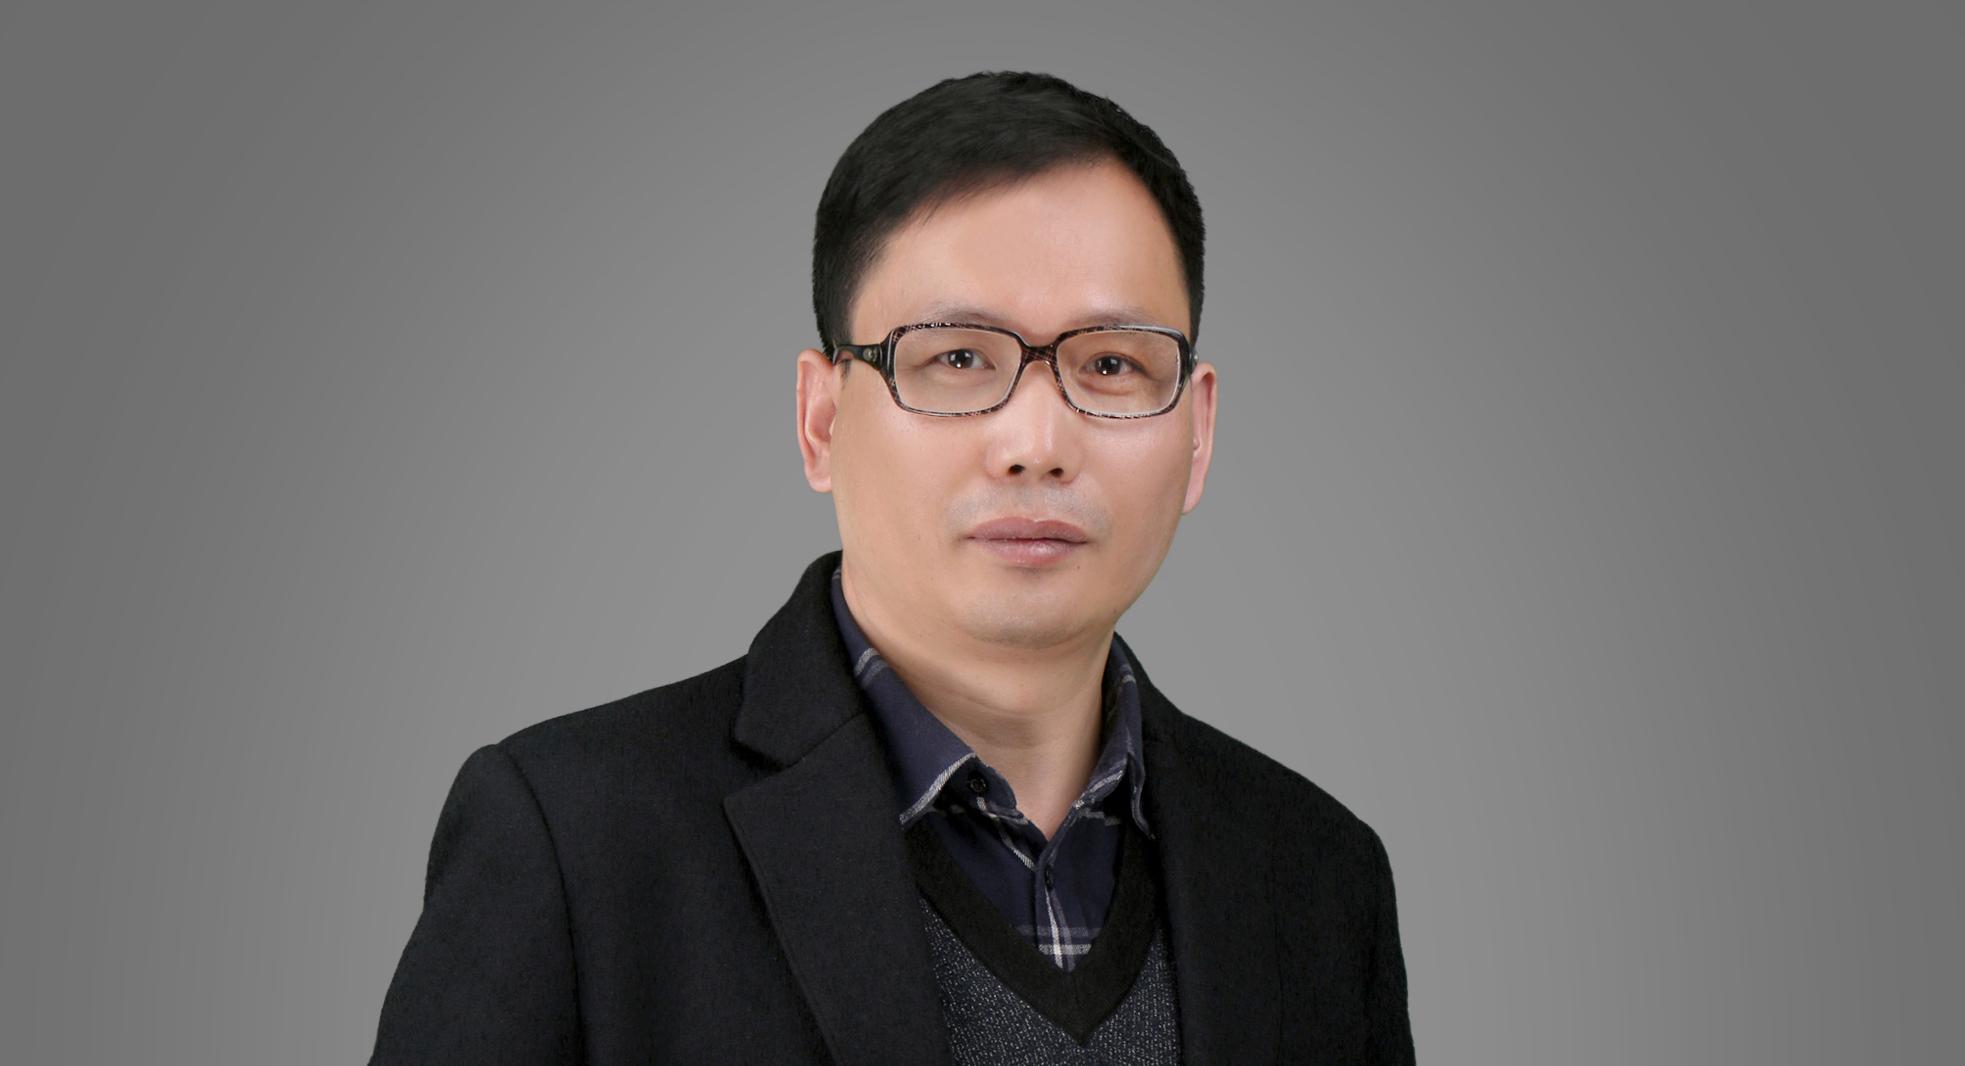 【饮鹿网】专访康仁照护创始人兼CEO任海波:人与人之间的服务更多的是信赖